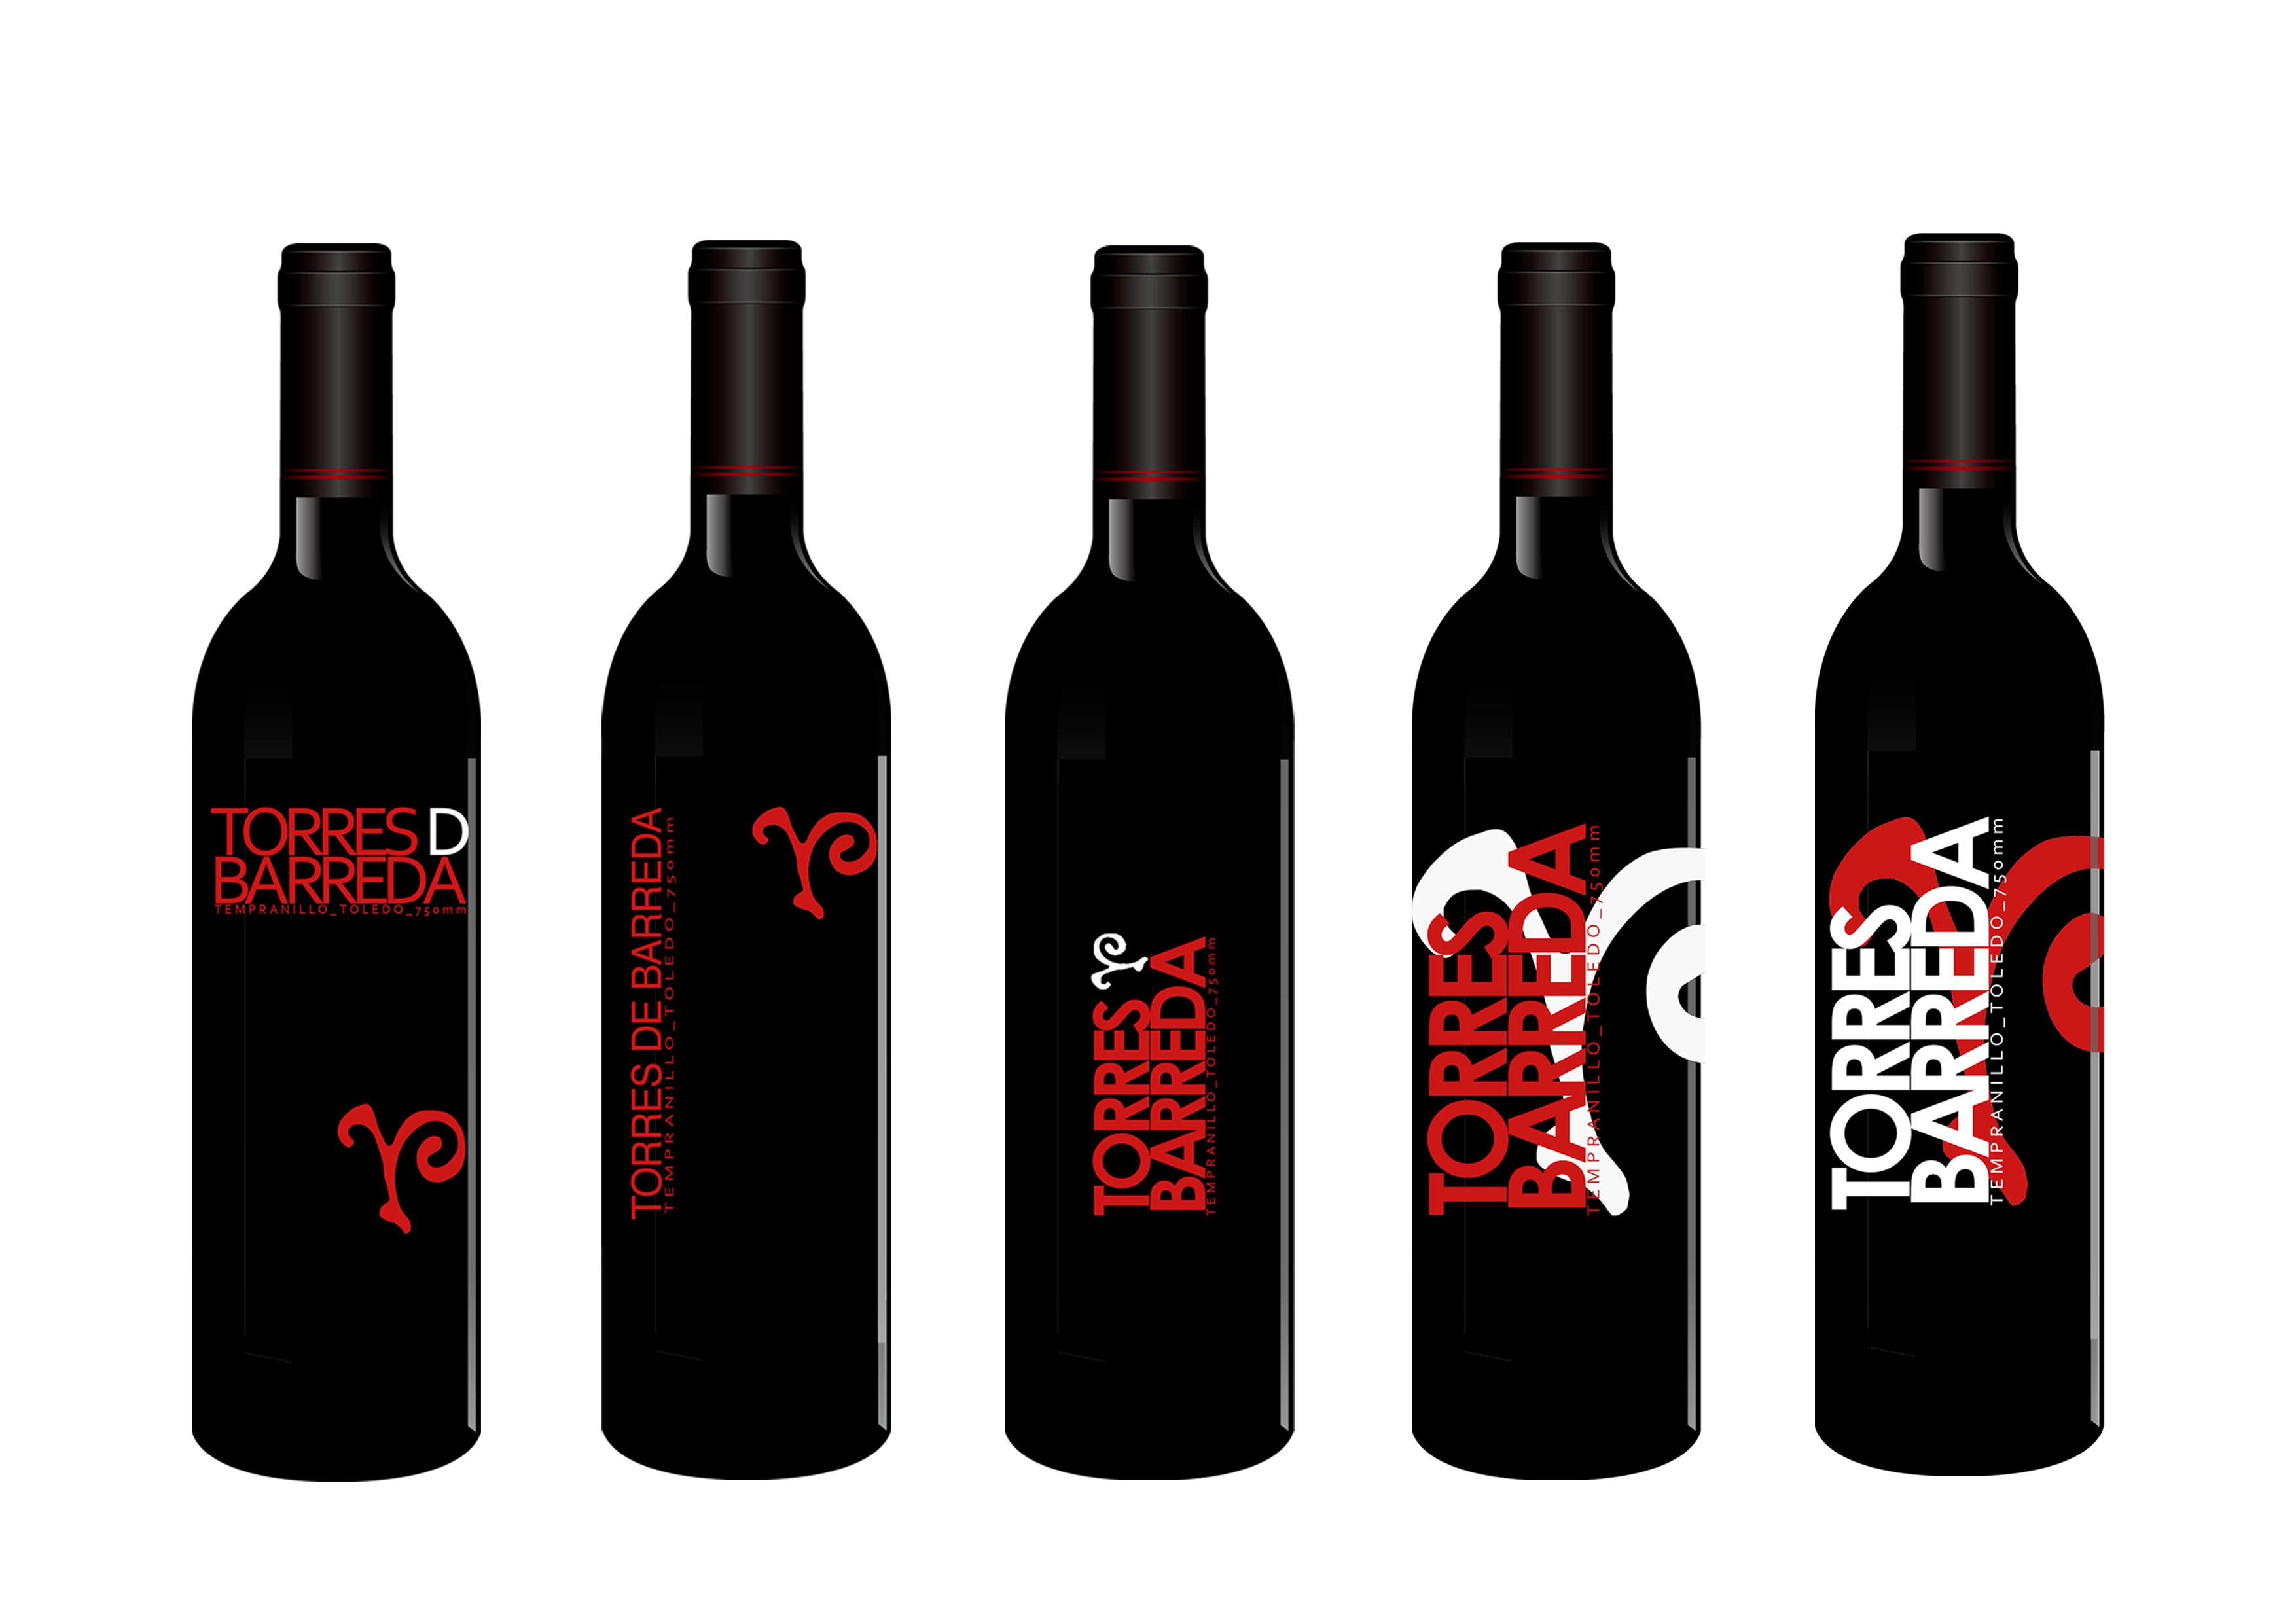 Botellas_Todas_pablo_madrid_torres_de_barreda